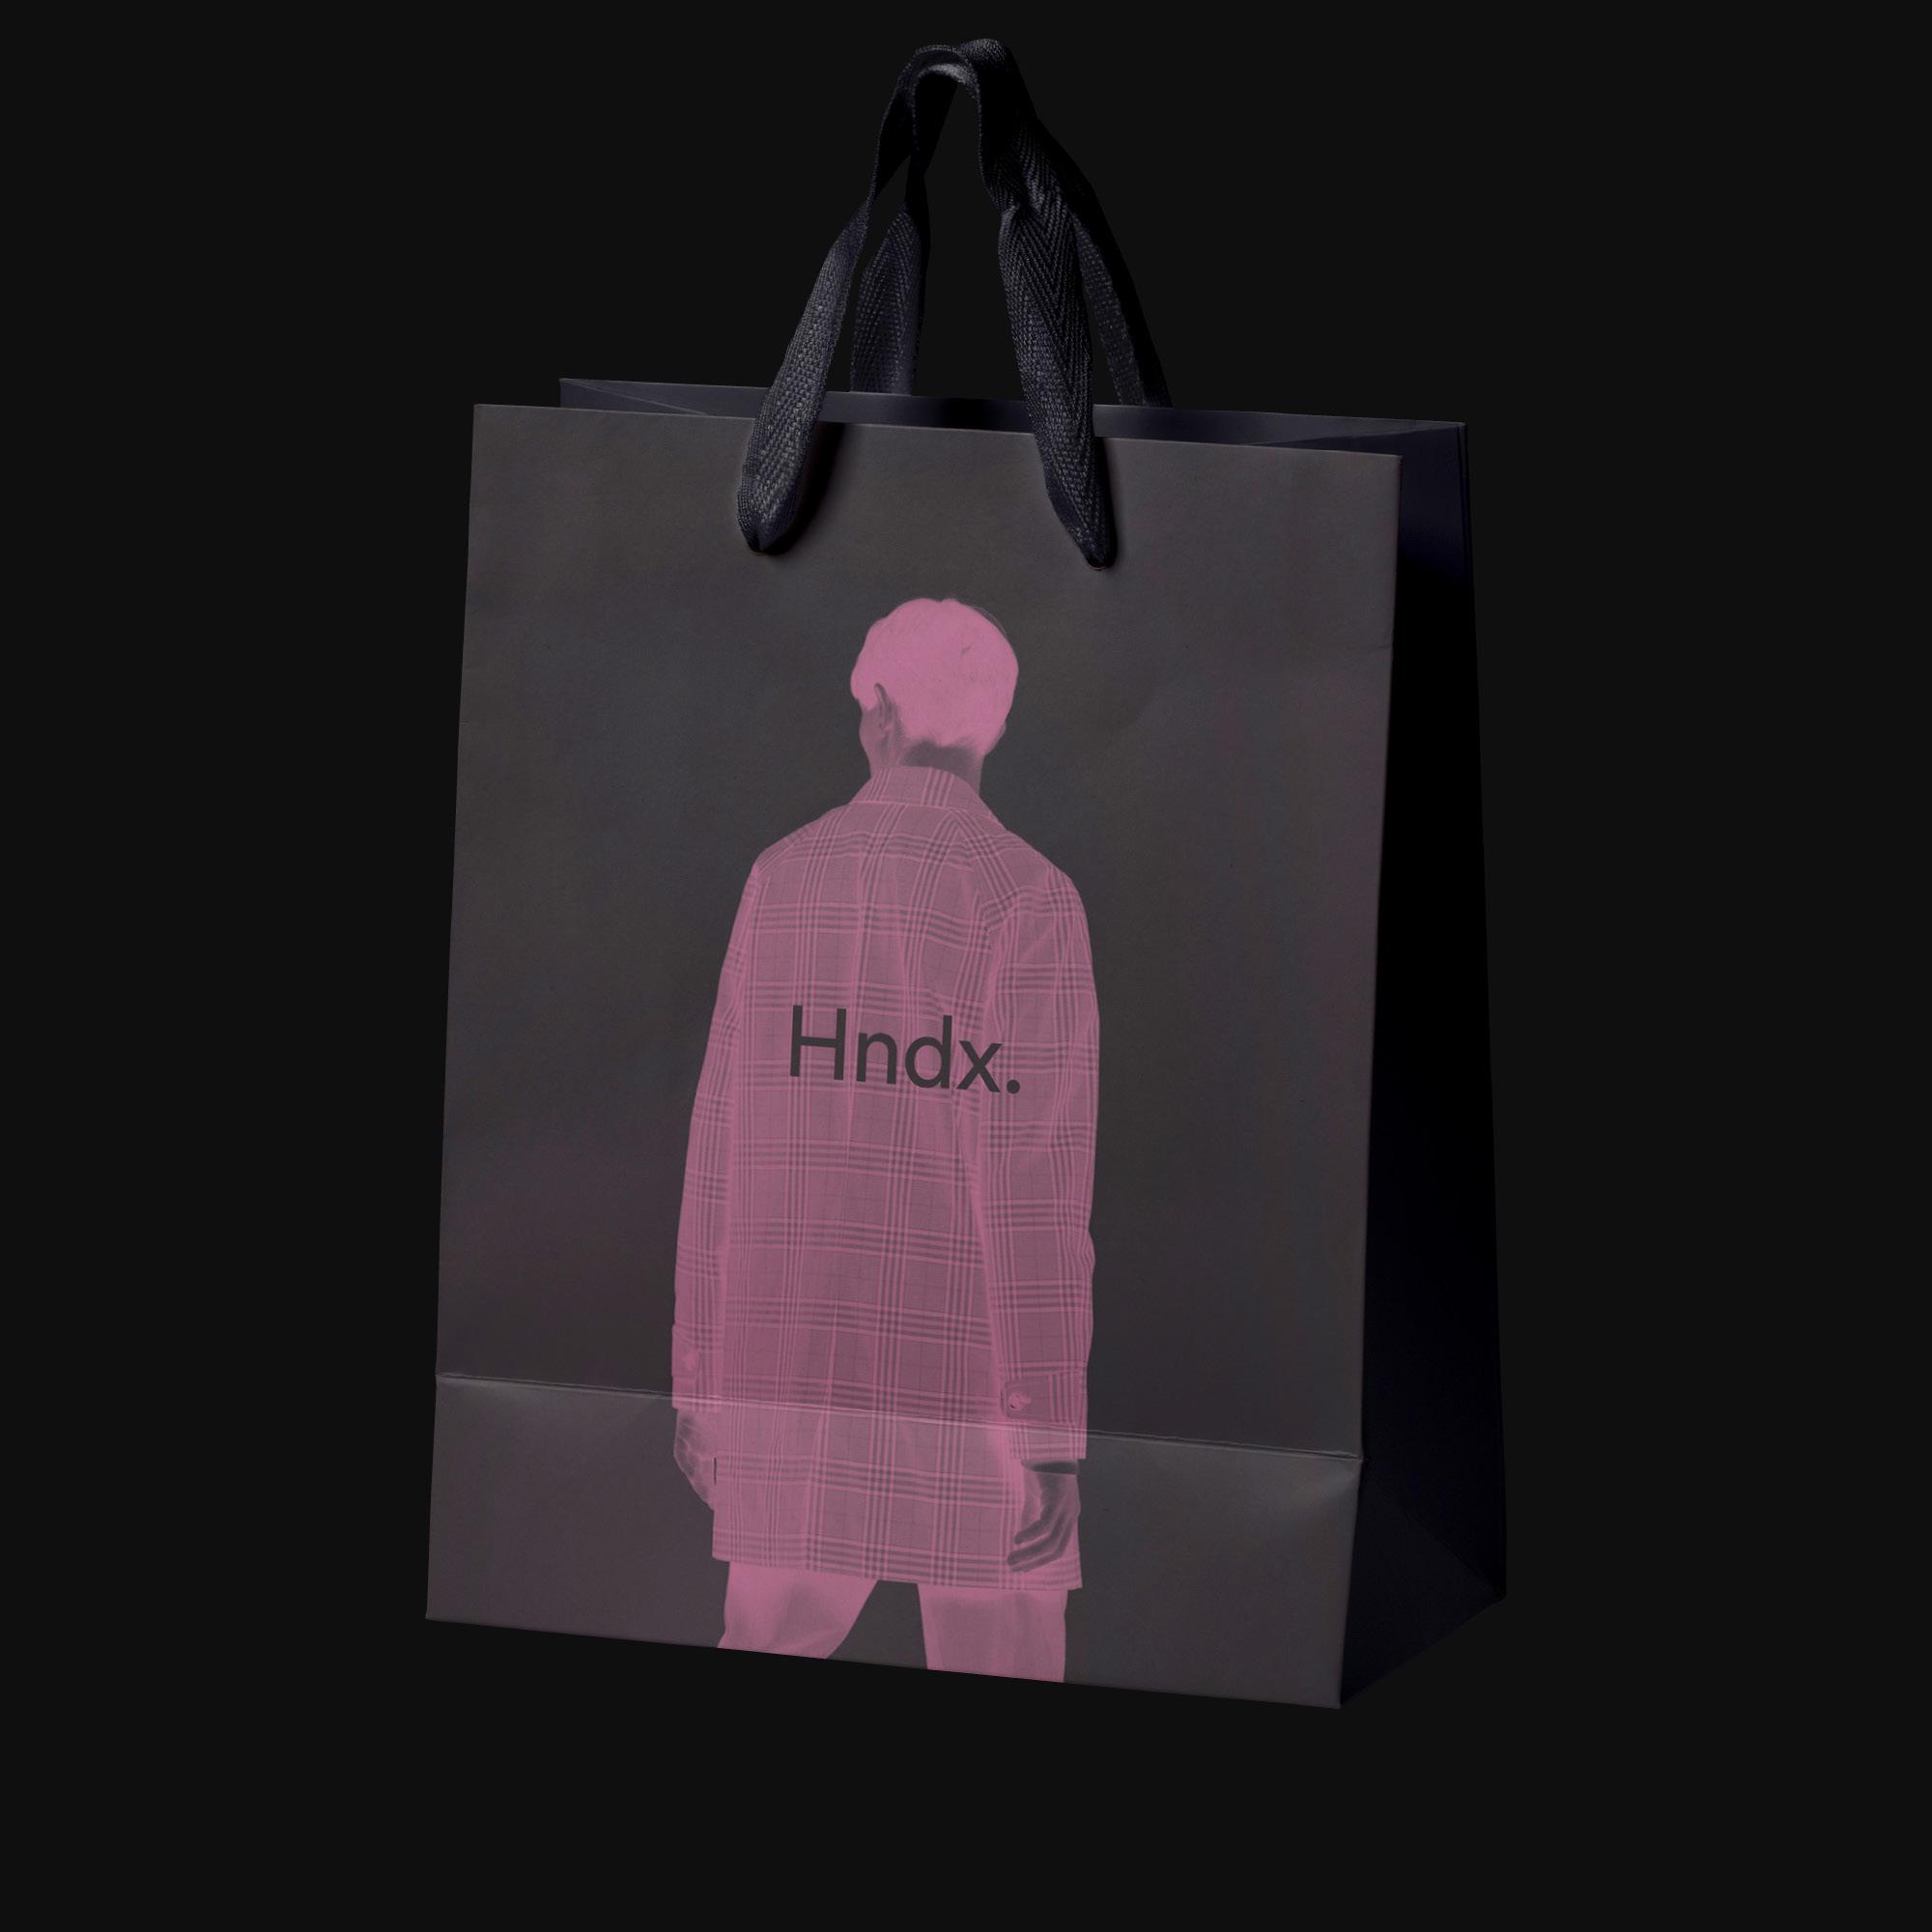 Corporate Design für Hndx. in Köln. Einkaufstasche Kölner Einzelhändler Hndx.